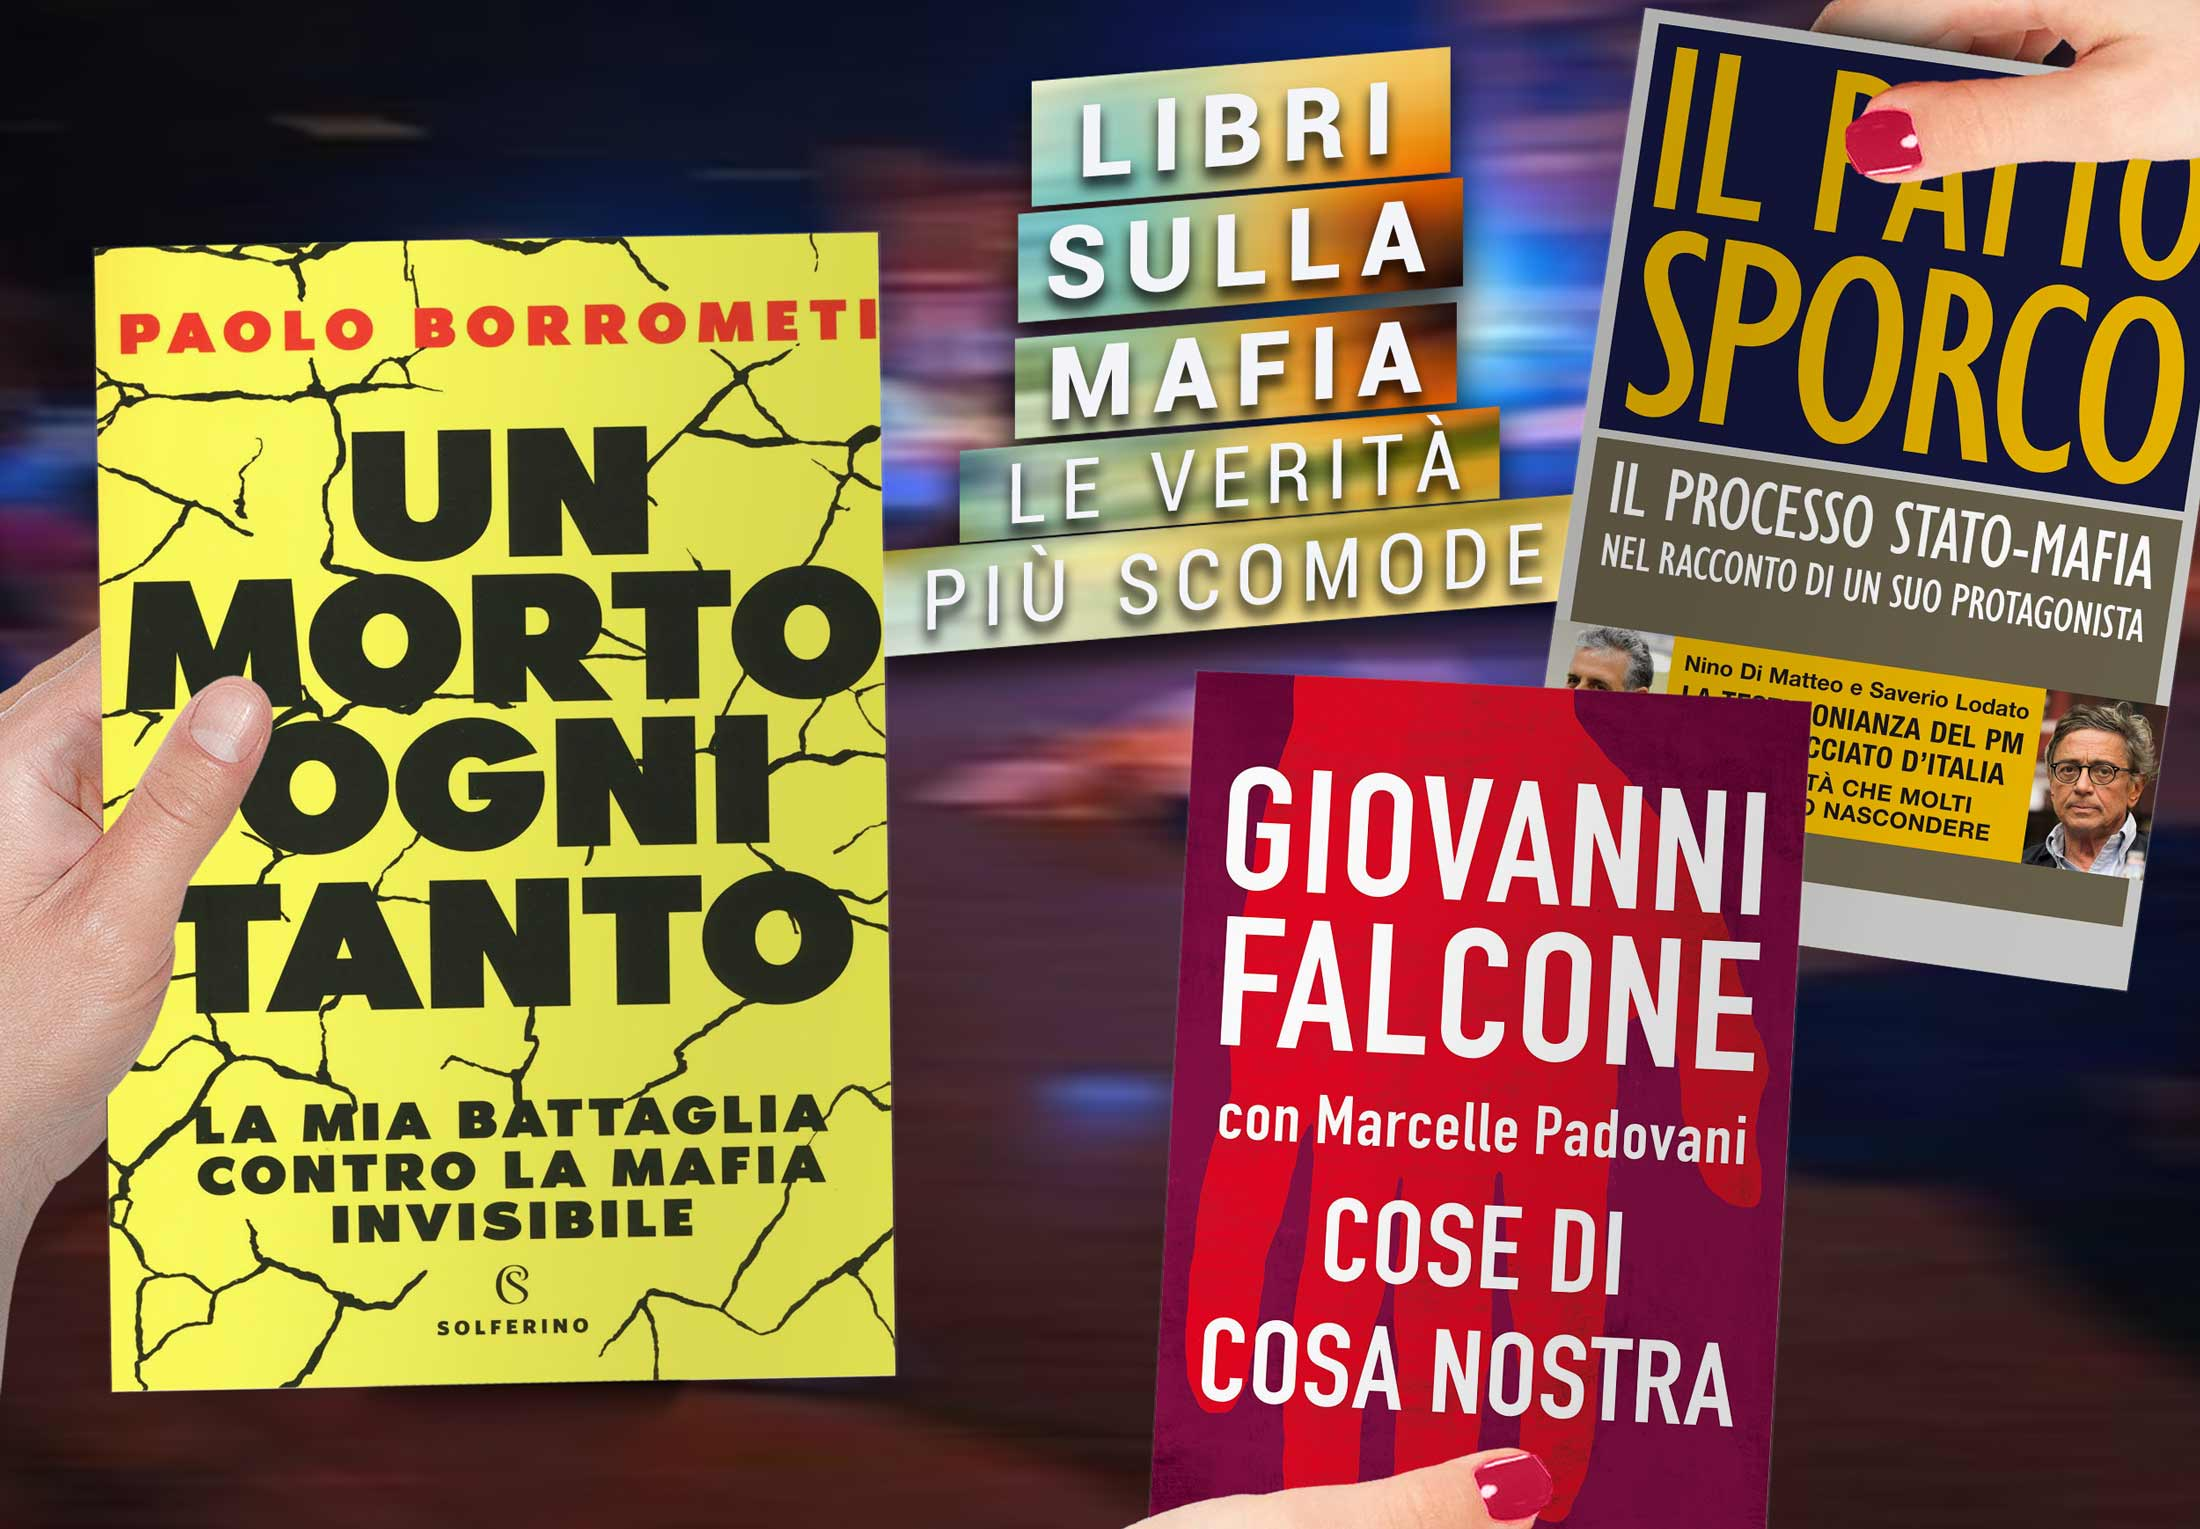 Migliori Libri Mafia | Libro Sulla Mafia Che Tutti Dovrebbero Leggere